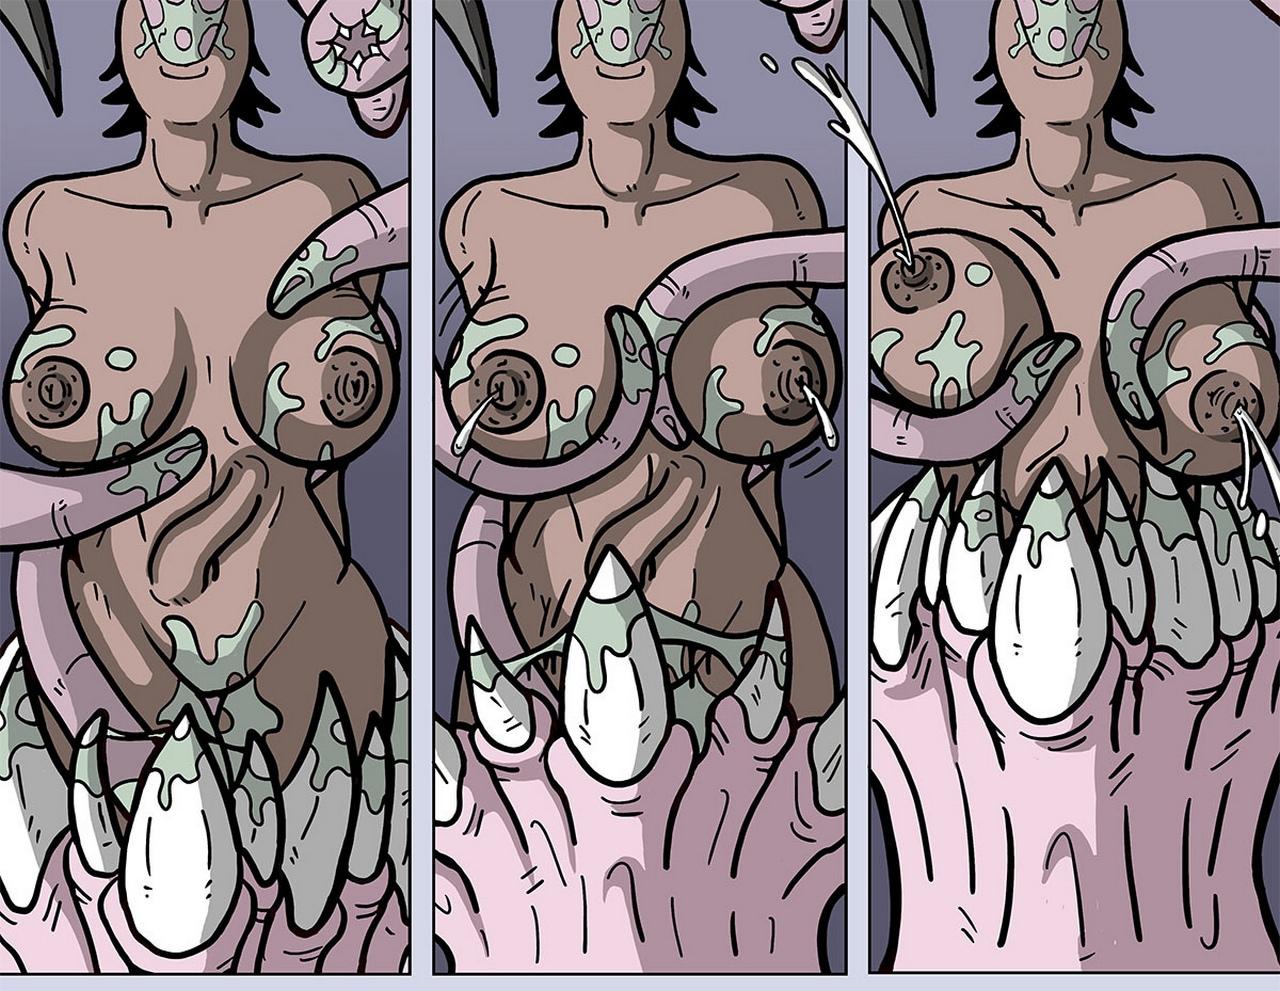 Bump-In-The-Night-HombreBlanco 15 free sex comic